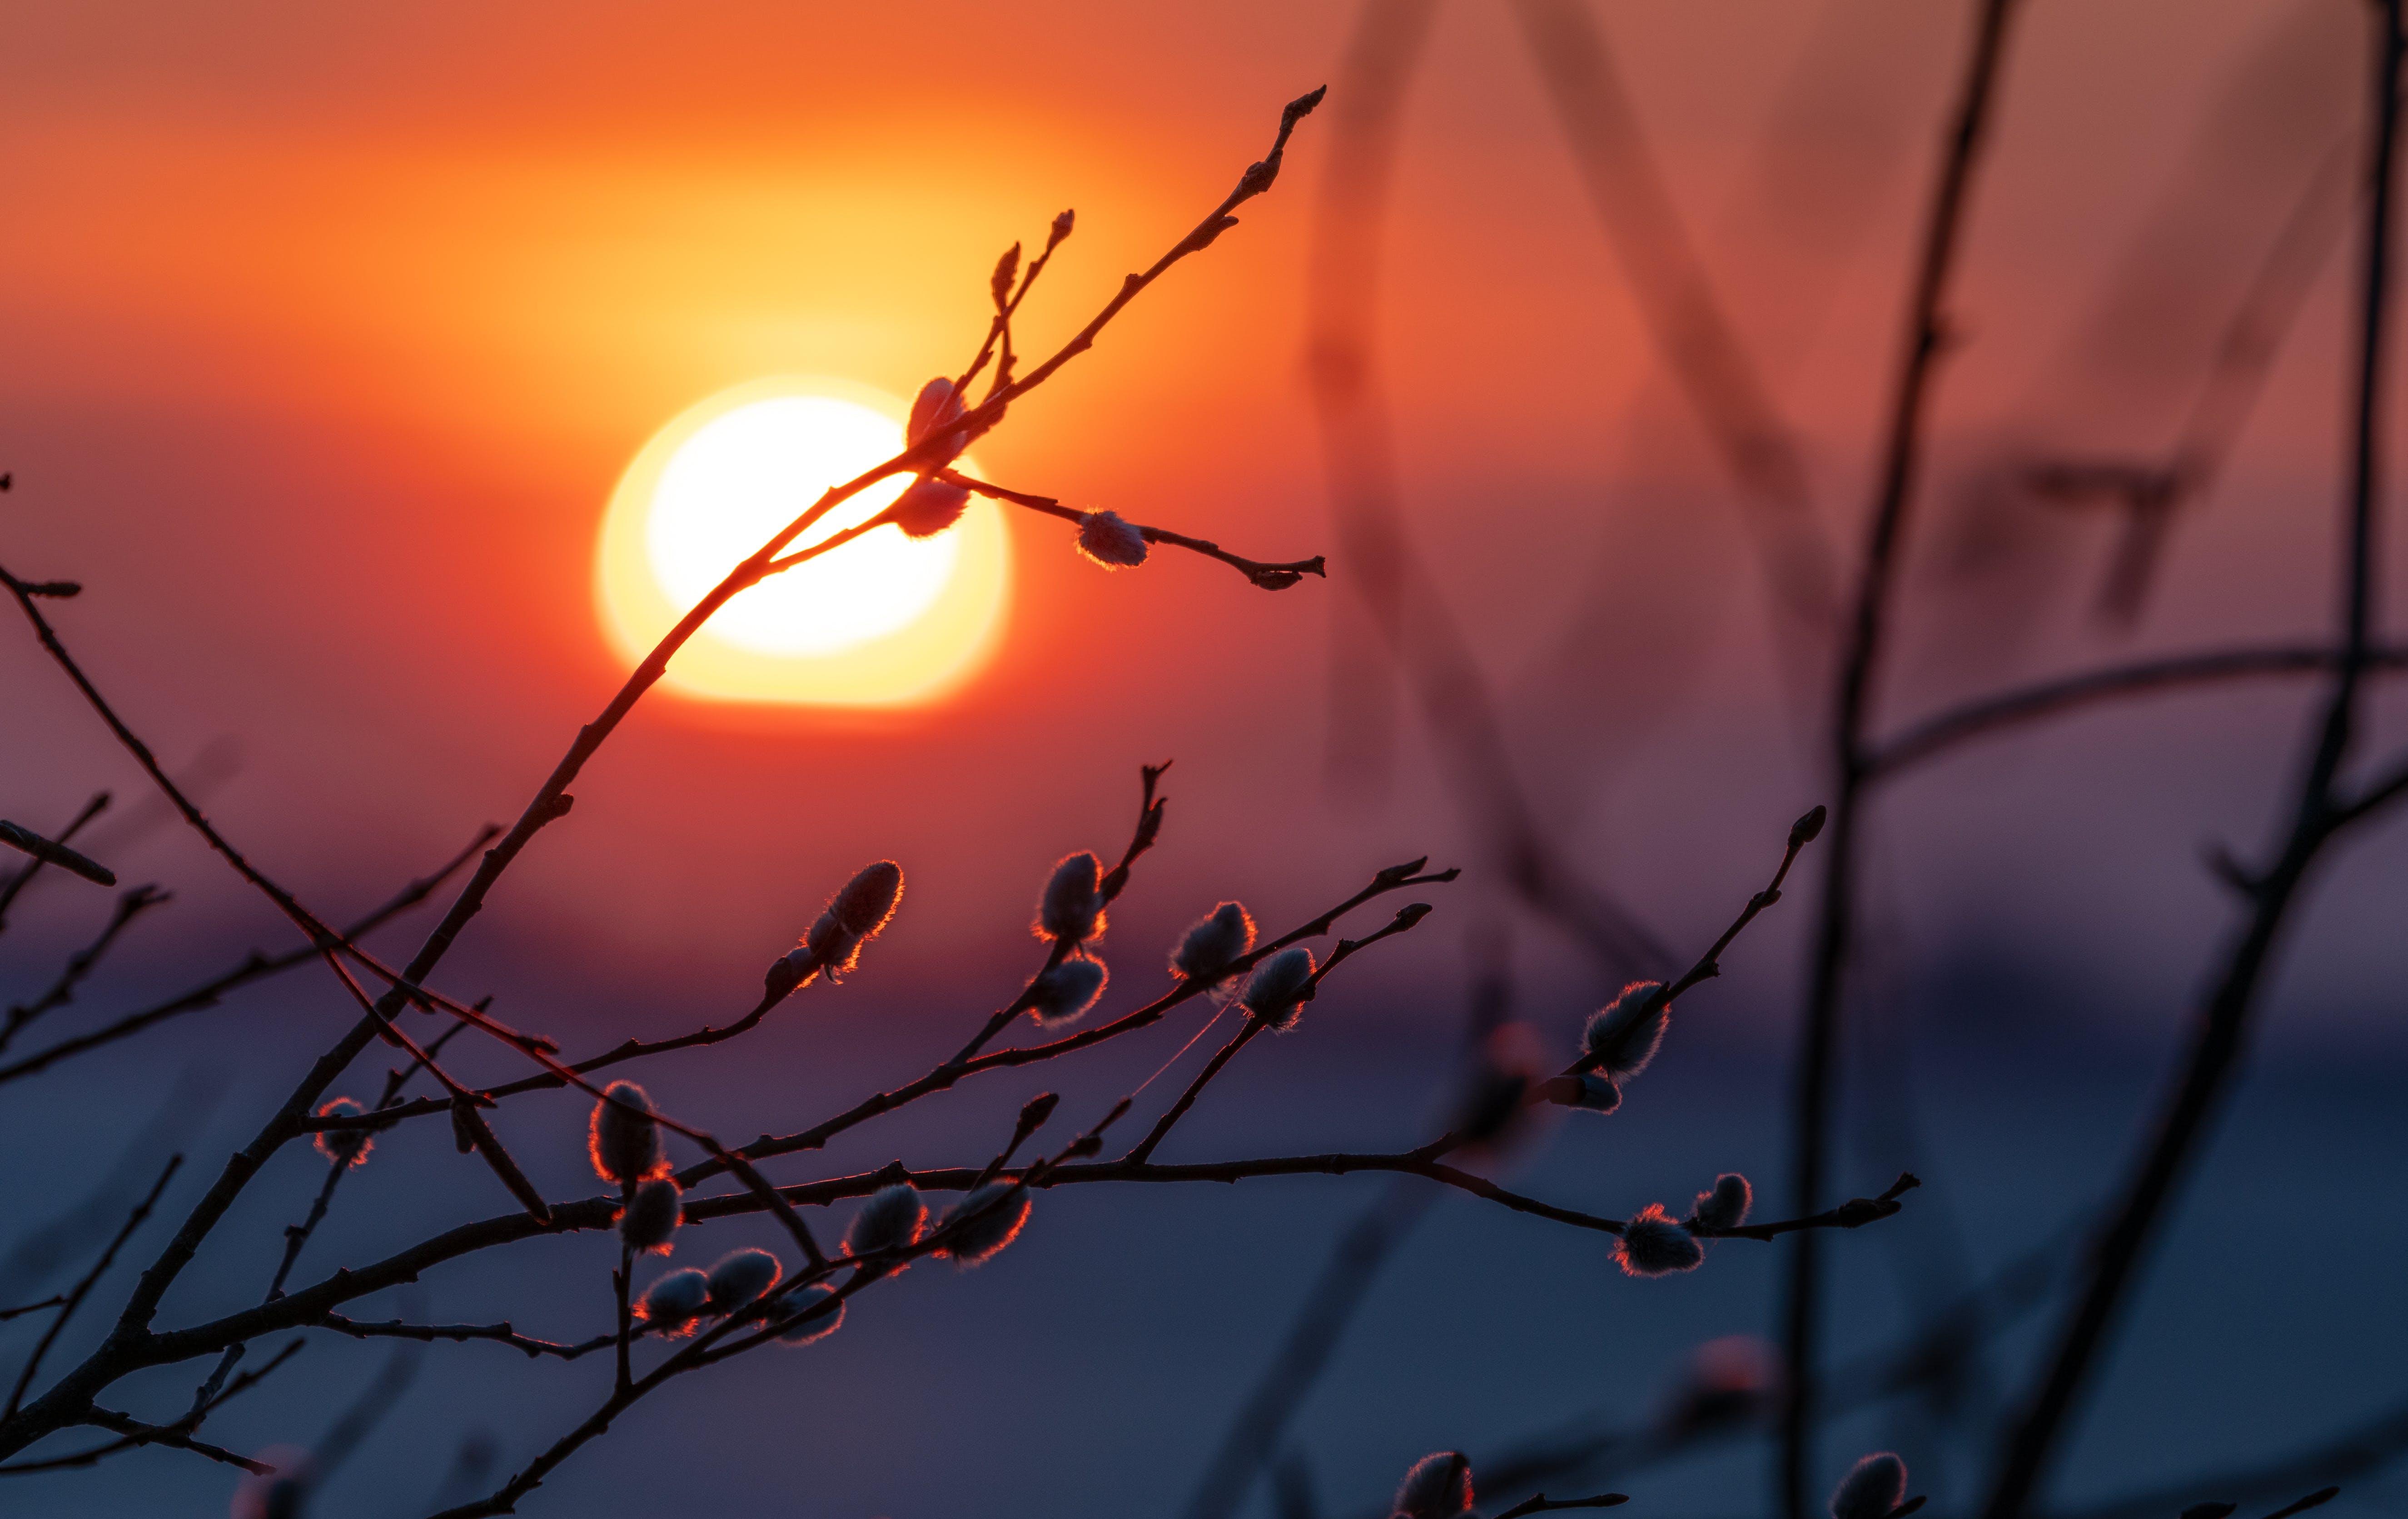 天性, 日落, 春天, 樹木 的 免費圖庫相片